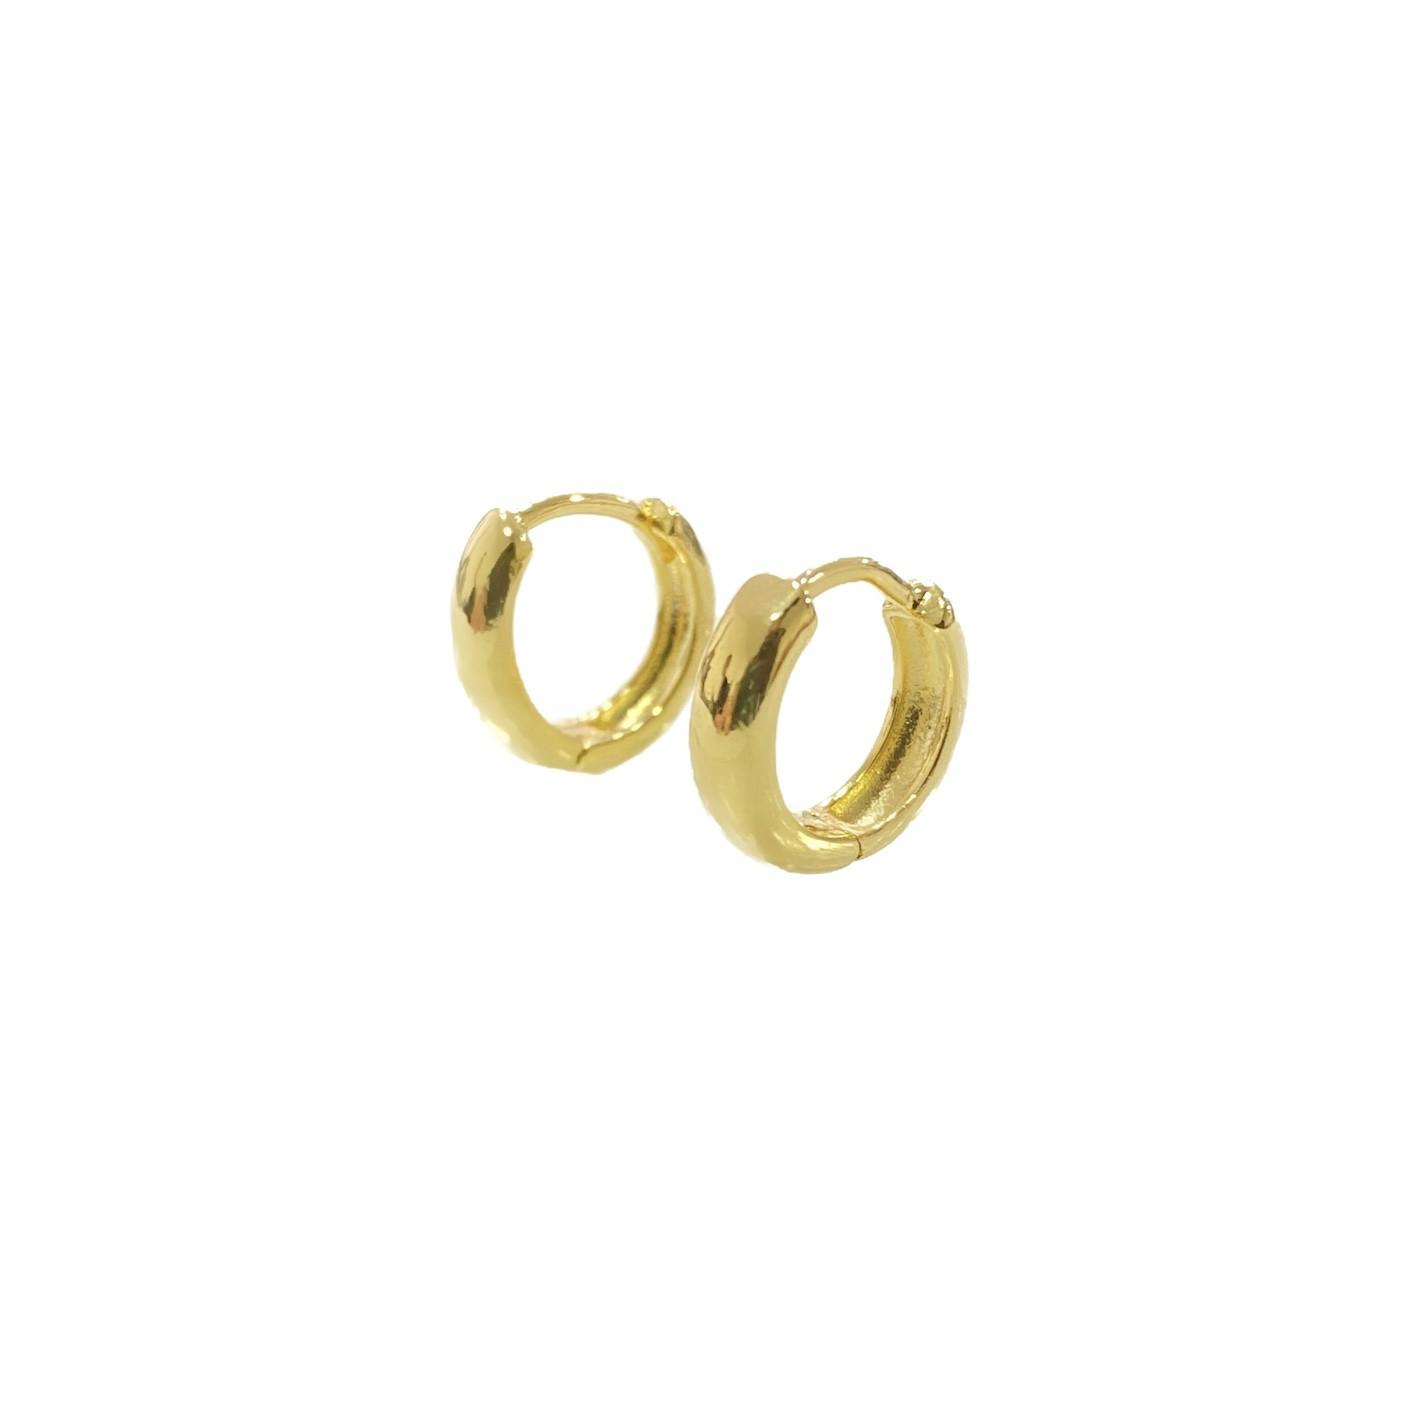 Brinco Argola Anatômica PP (Banho Ouro 24k) (Piercing Hélix)